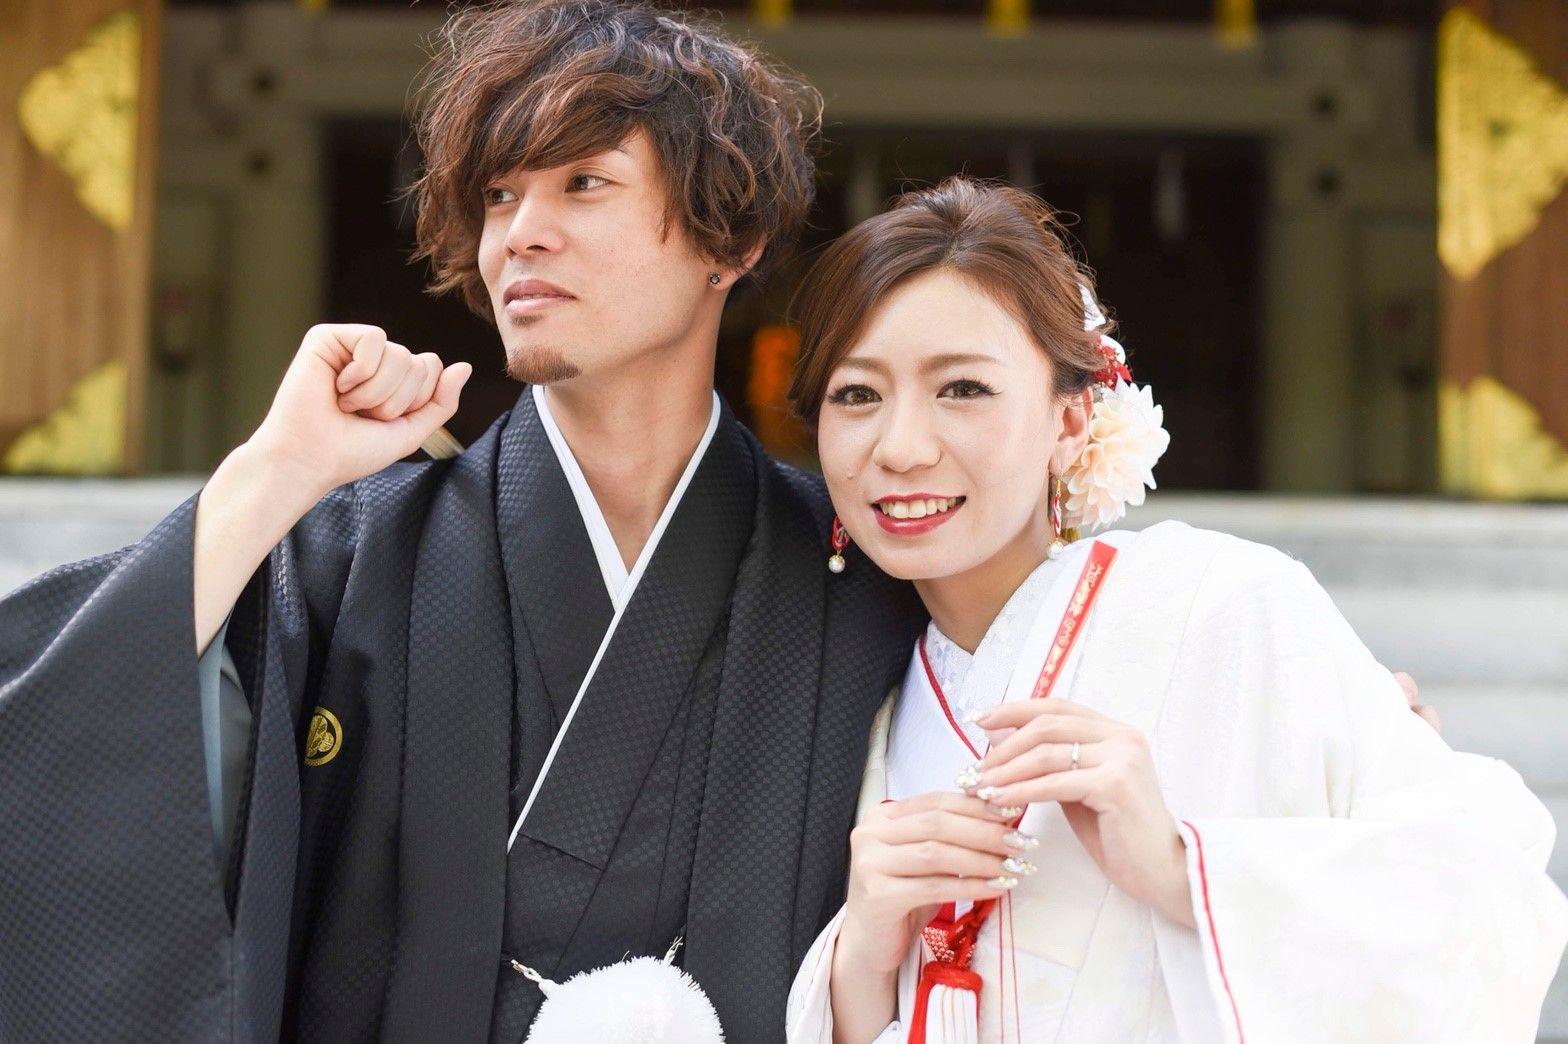 香川の結婚式場のシェルエメール&アイスタイルの神前式